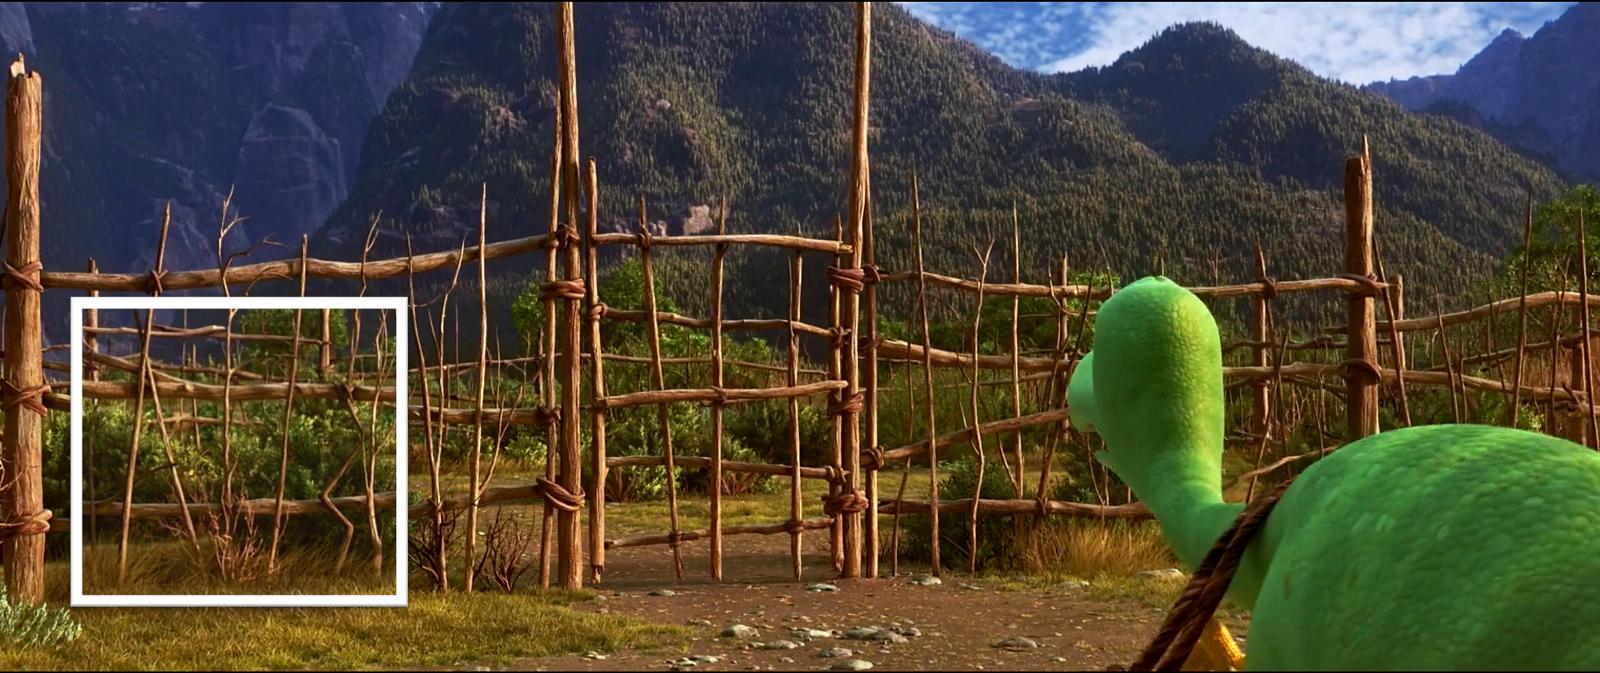 a113 easter egg pixar